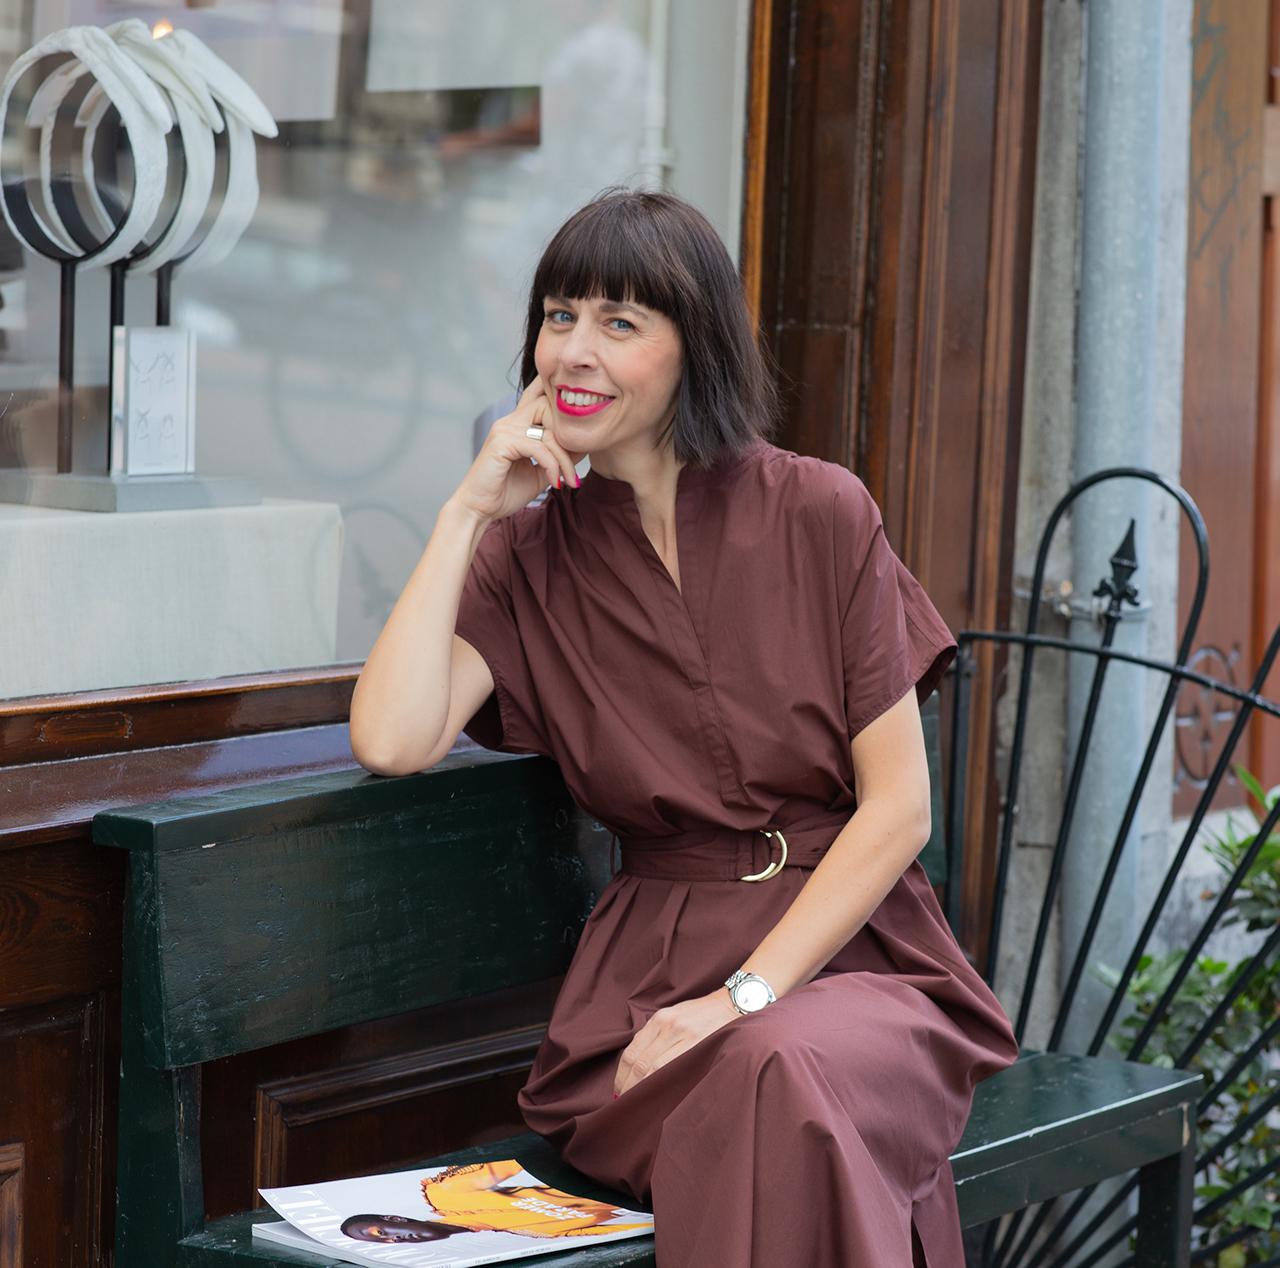 Frau sitzt an einer Boutique - Trendfarbe braun kombinieren